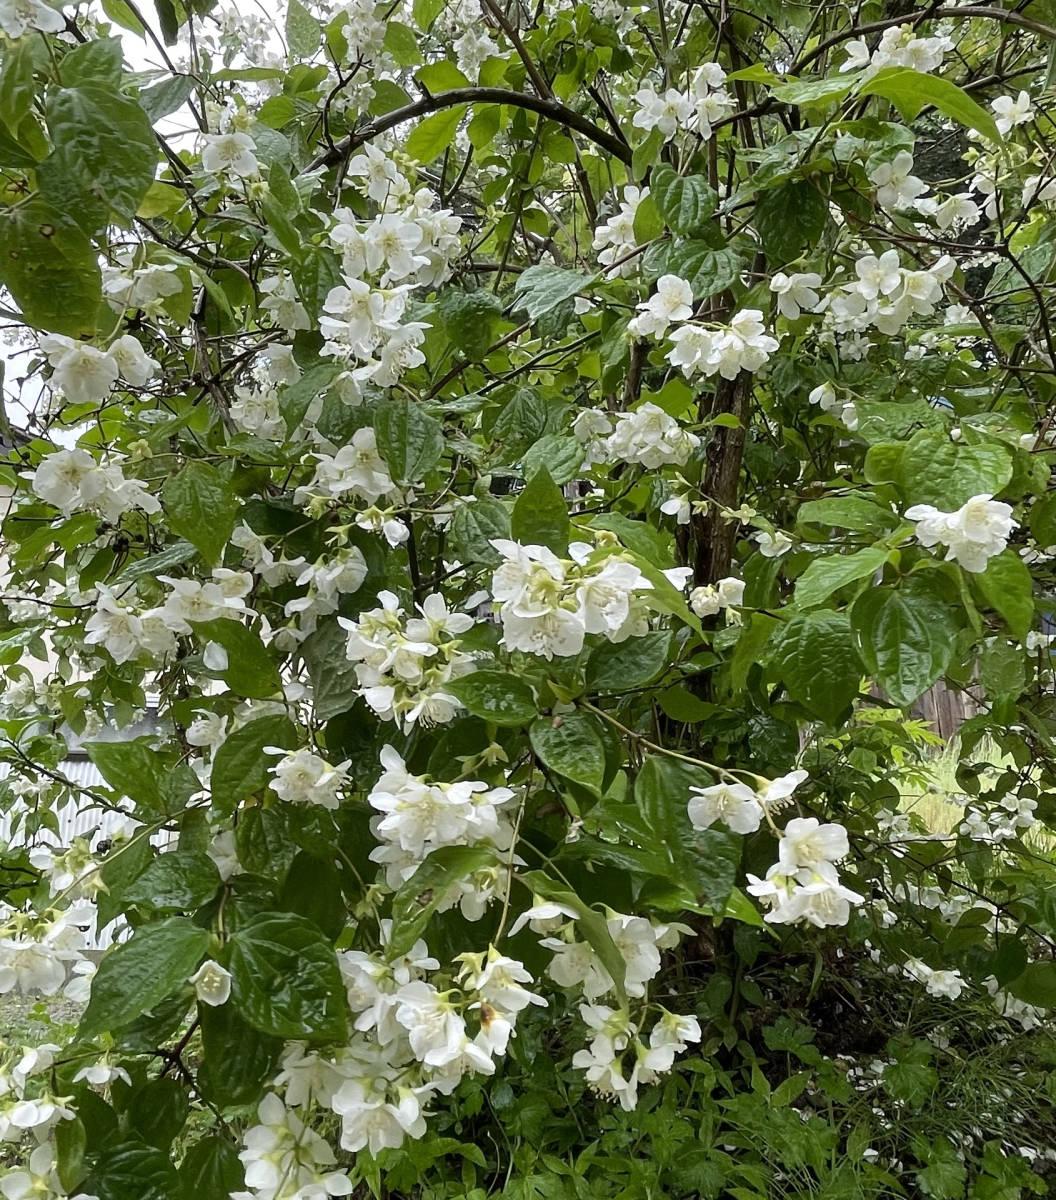 梅花空木 バイカウツギ 4本 ■送料無料 クリックポスト(梅や桜の花に似た花)挿木 用 庭園木 低木 ガーデニング 華やか_画像3